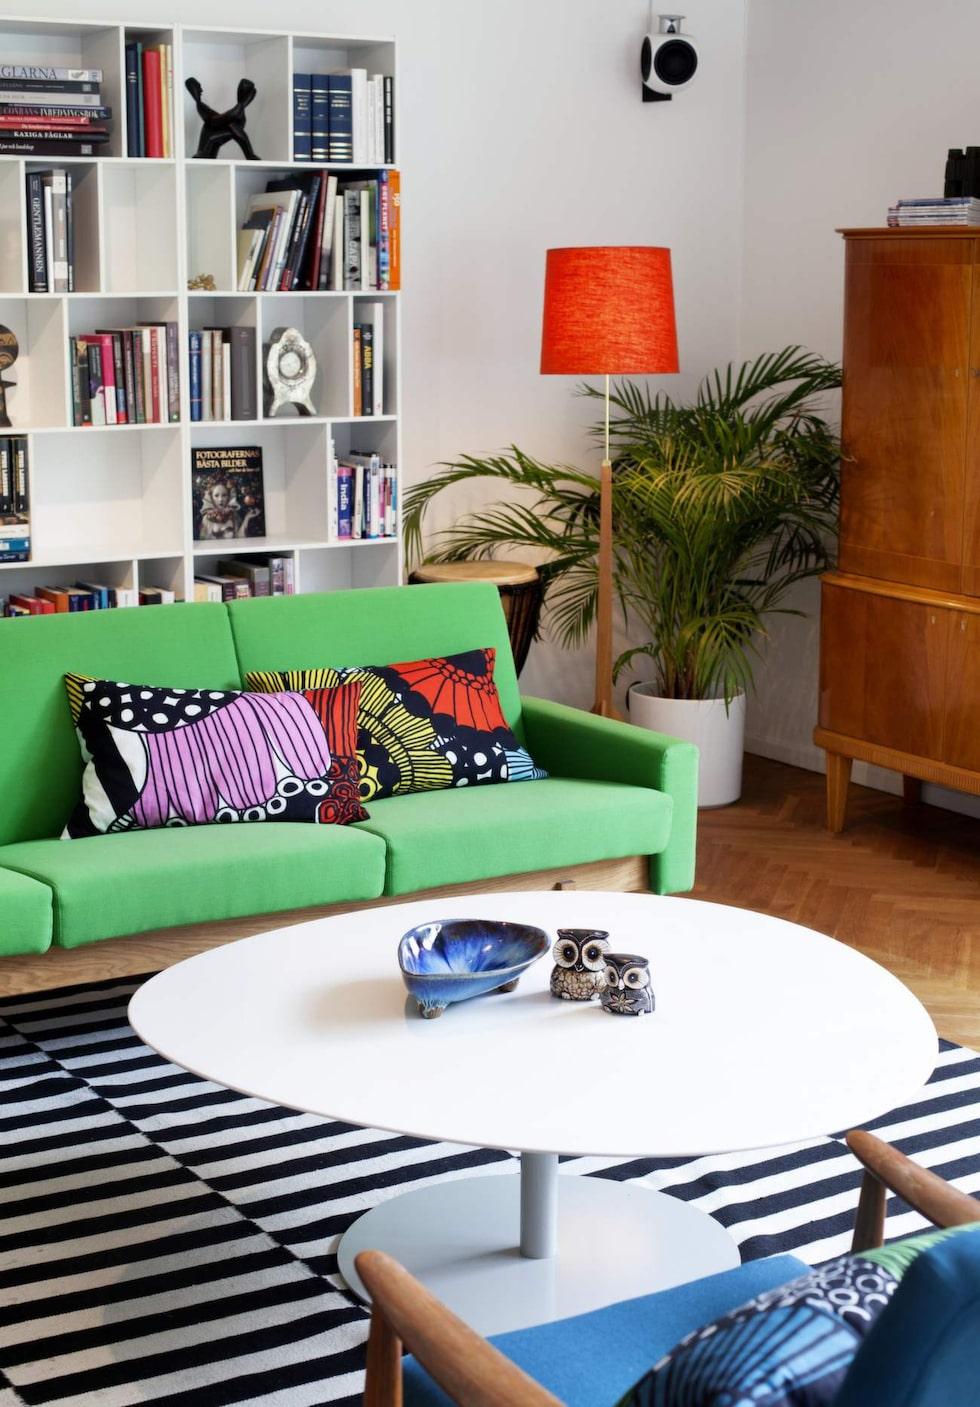 Soffa Accent från Swedese och soffbord designat av Morten Voss för Fritz Hansen, både från Kontorett. Matta Stockholm från Ikea. Vitrinskåp från 50-talet, arvegods. Kuddarna är hemmasydda med tyg från Marimekko.